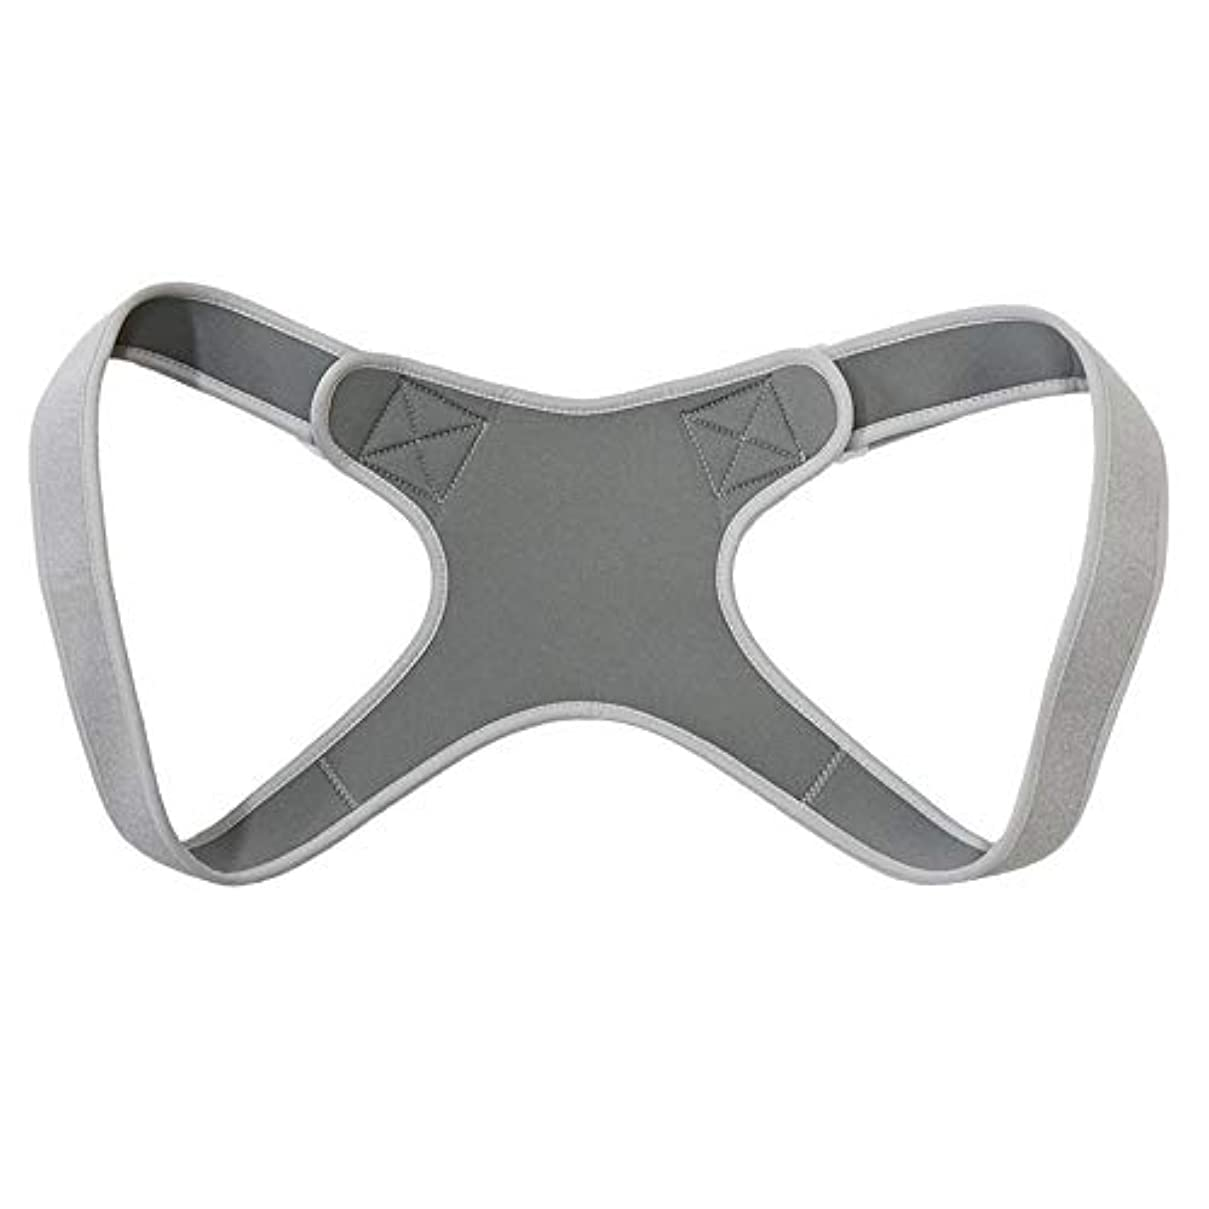 ジョイントグレートバリアリーフ増加する新しいアッパーバックポスチャーコレクター姿勢鎖骨サポートコレクターバックストレートショルダーブレースストラップコレクター - グレー